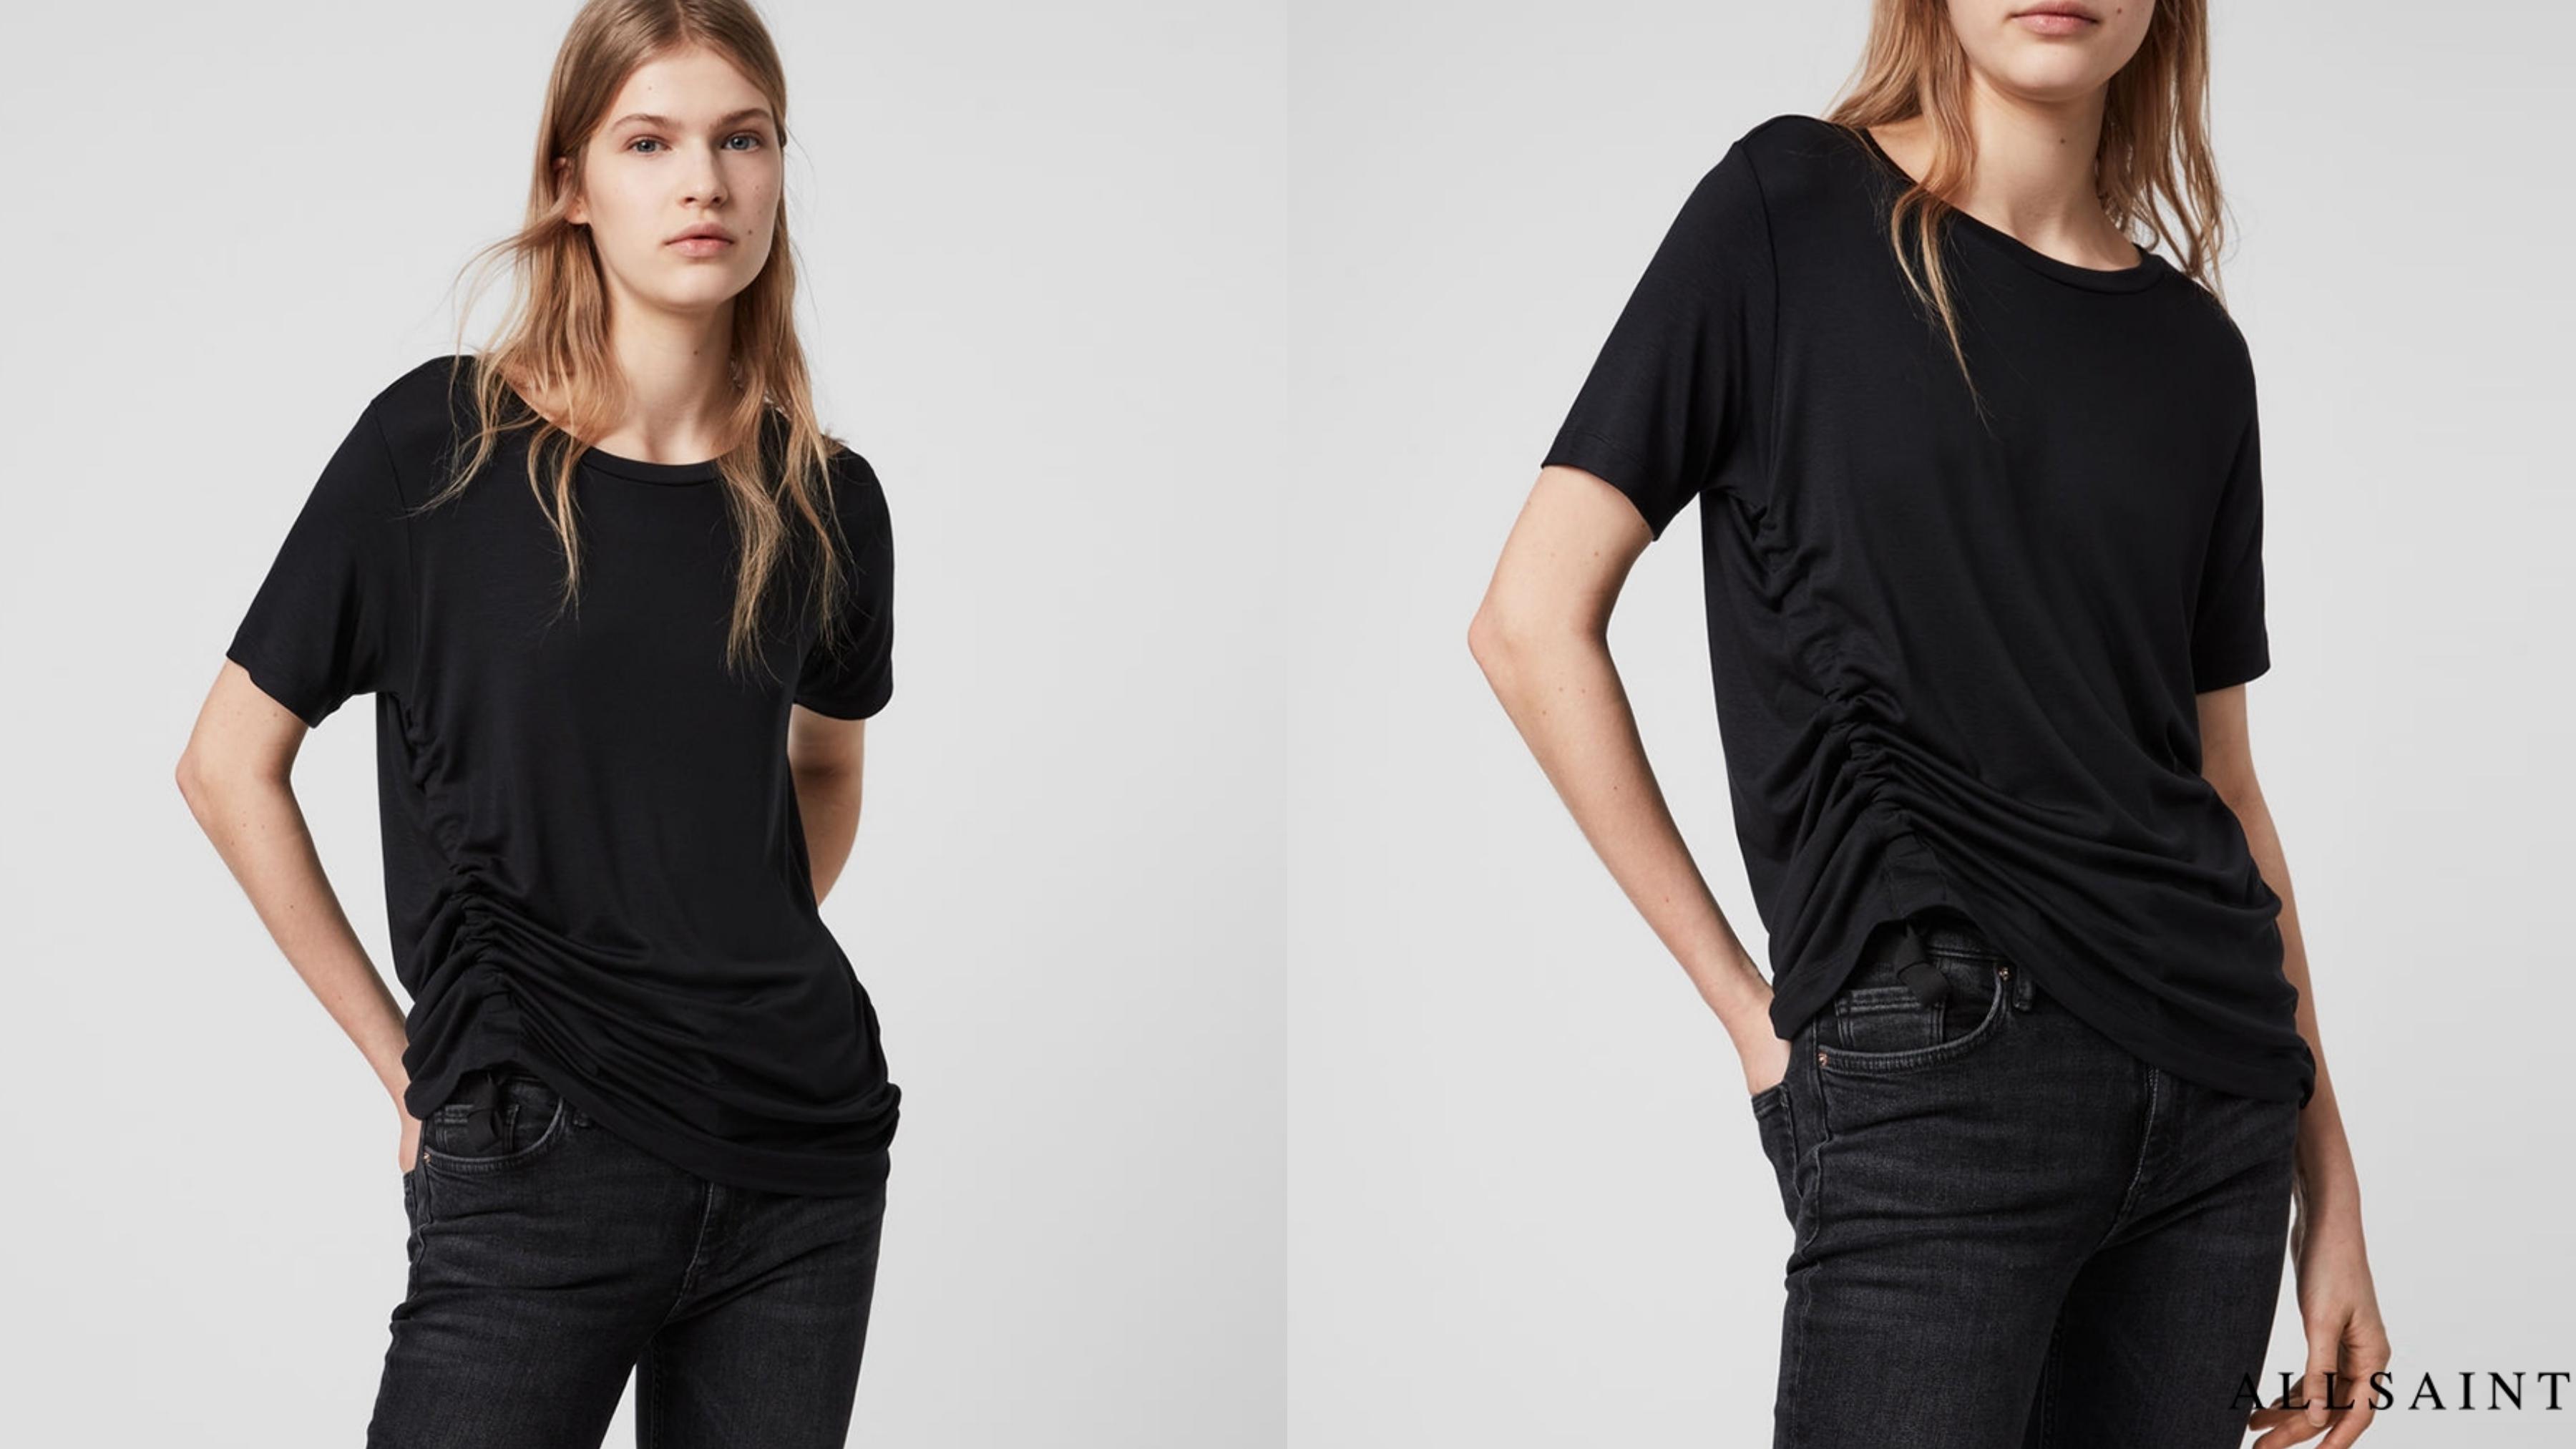 RYDER LUX 抽繩短袖T恤由輕質面料製成